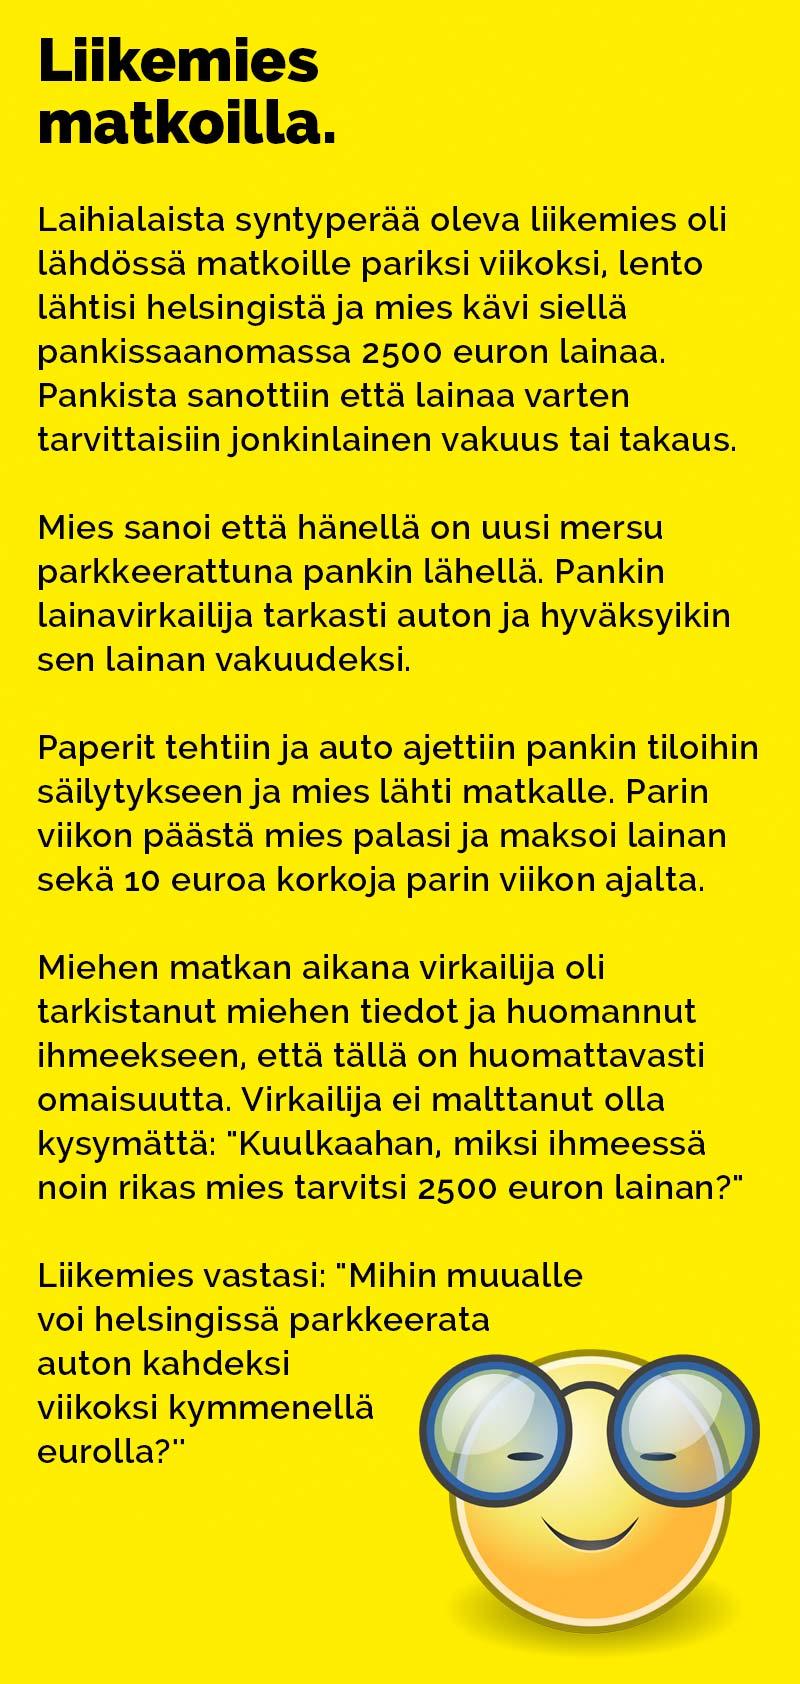 liikemies_matkoilla_2